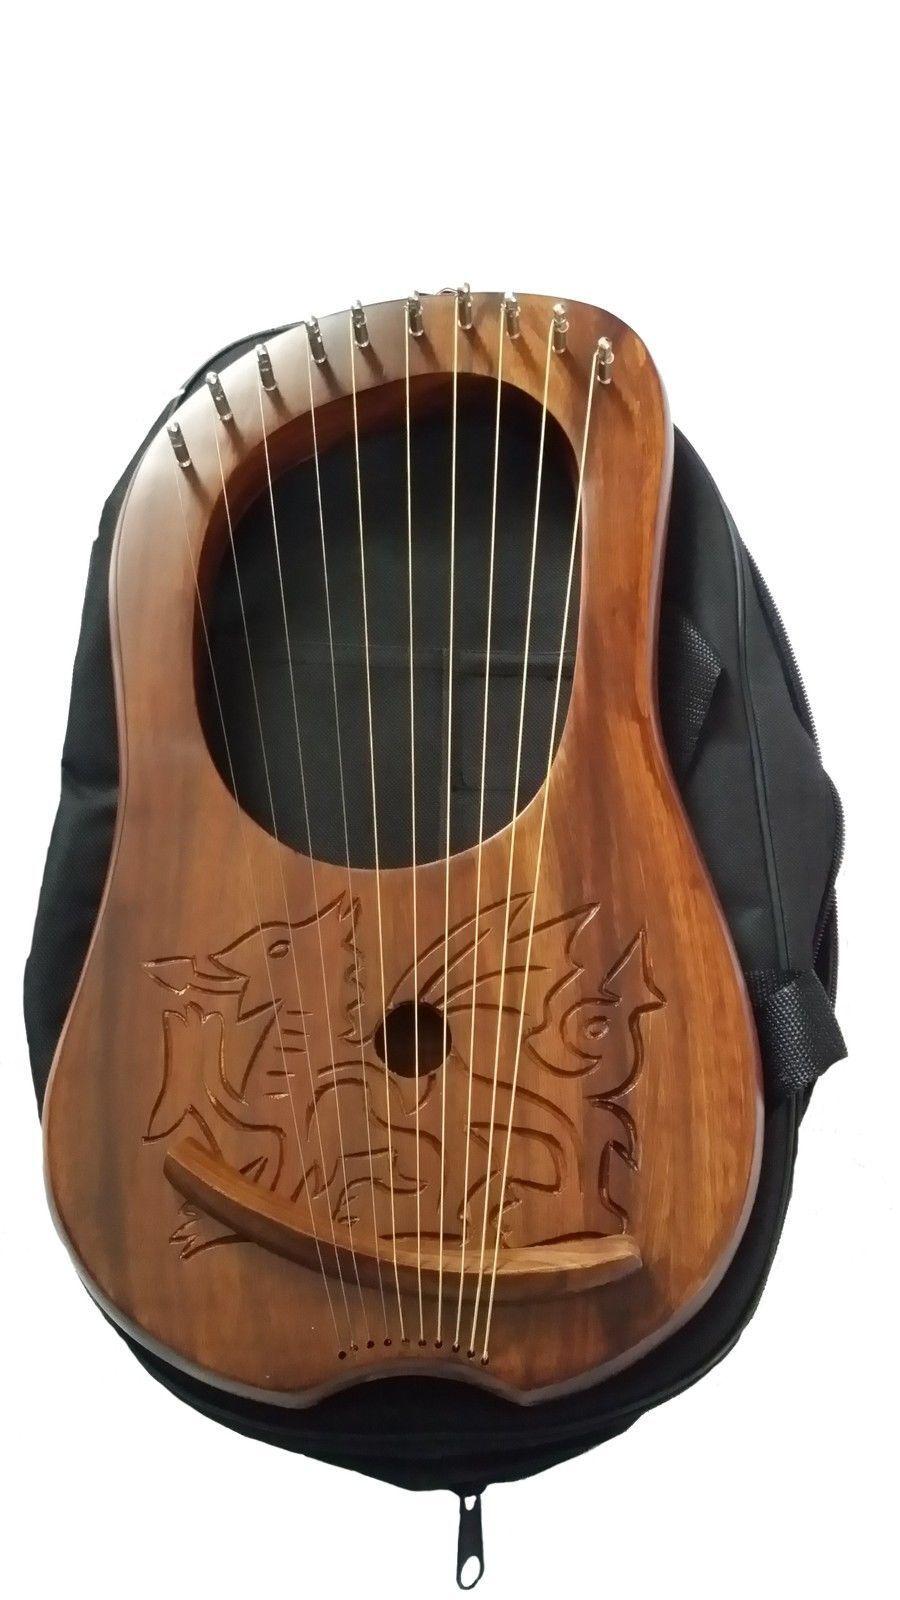 Neu Lyra Mundharmonika Graviertes Keltisch Walisischer Drachelyra Sheesham Holz